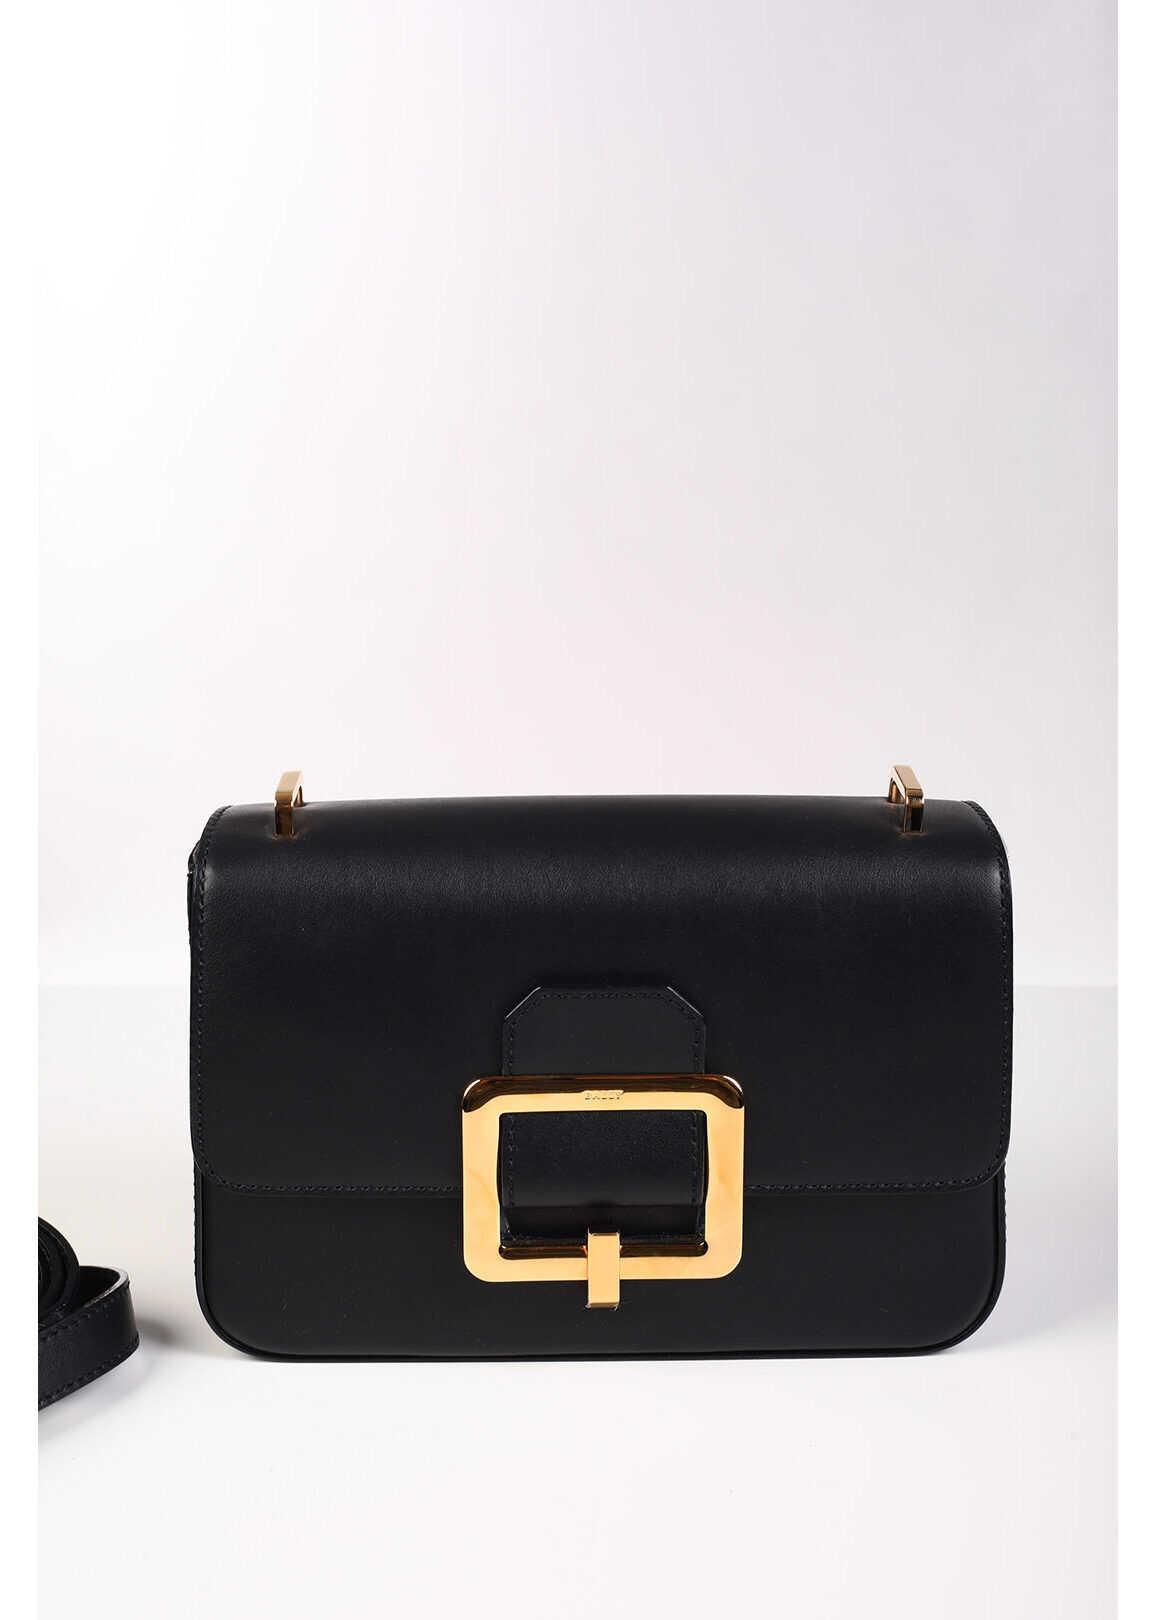 Bally Leather JANELLE Shoulder Bag BLACK